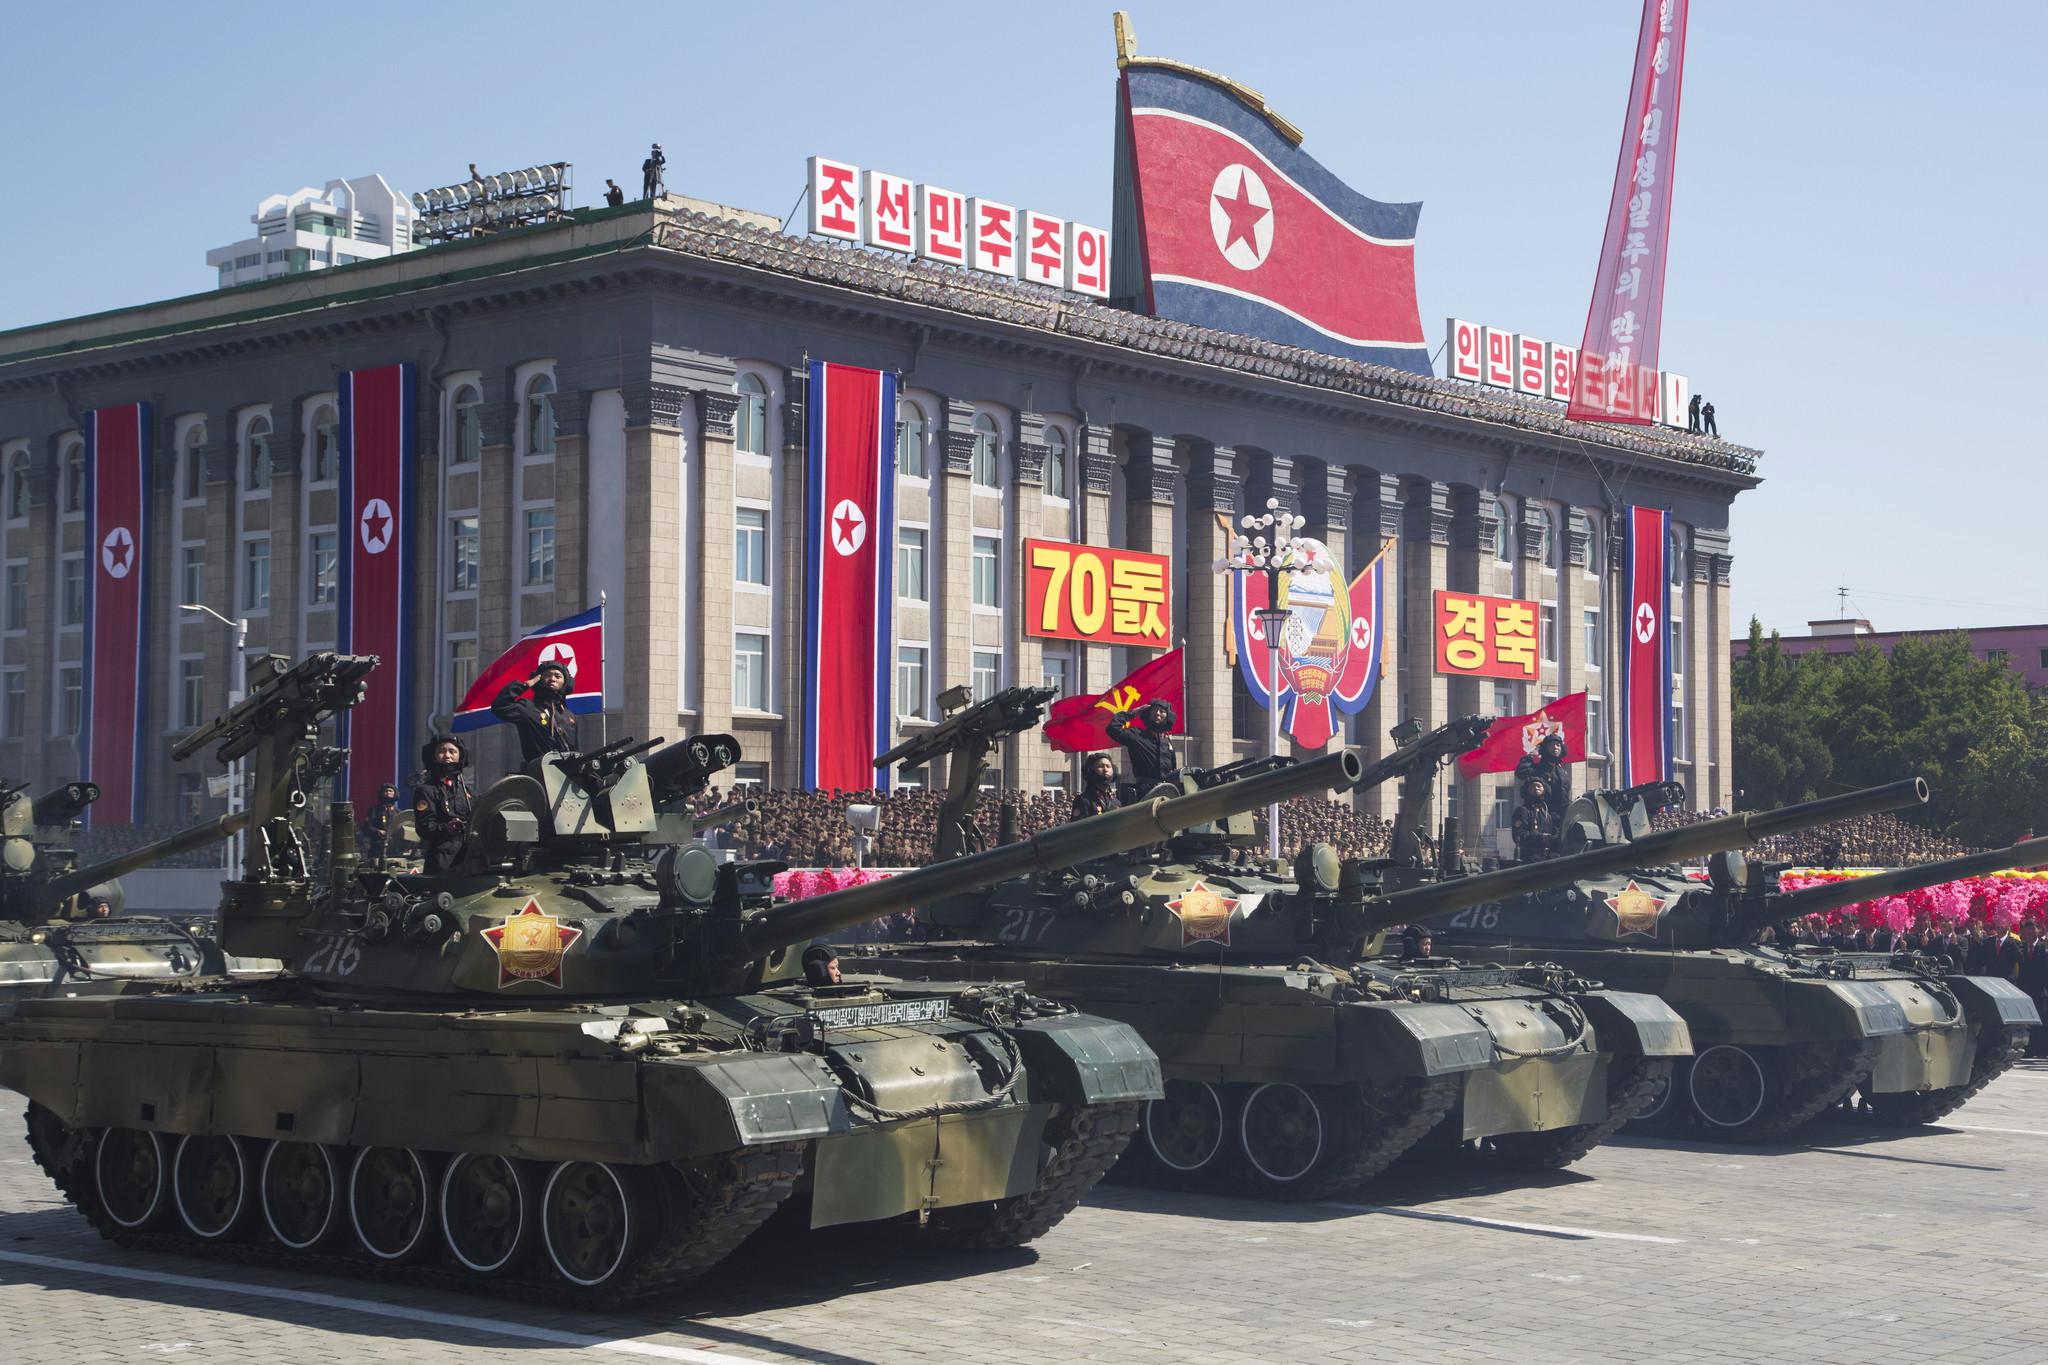 当地时间2018年9月9日,朝鲜平壤,朝鲜在平壤金日成广场举行盛大的阅兵式,庆祝建国70周年。HOW HWEE YOUNG/东方IC